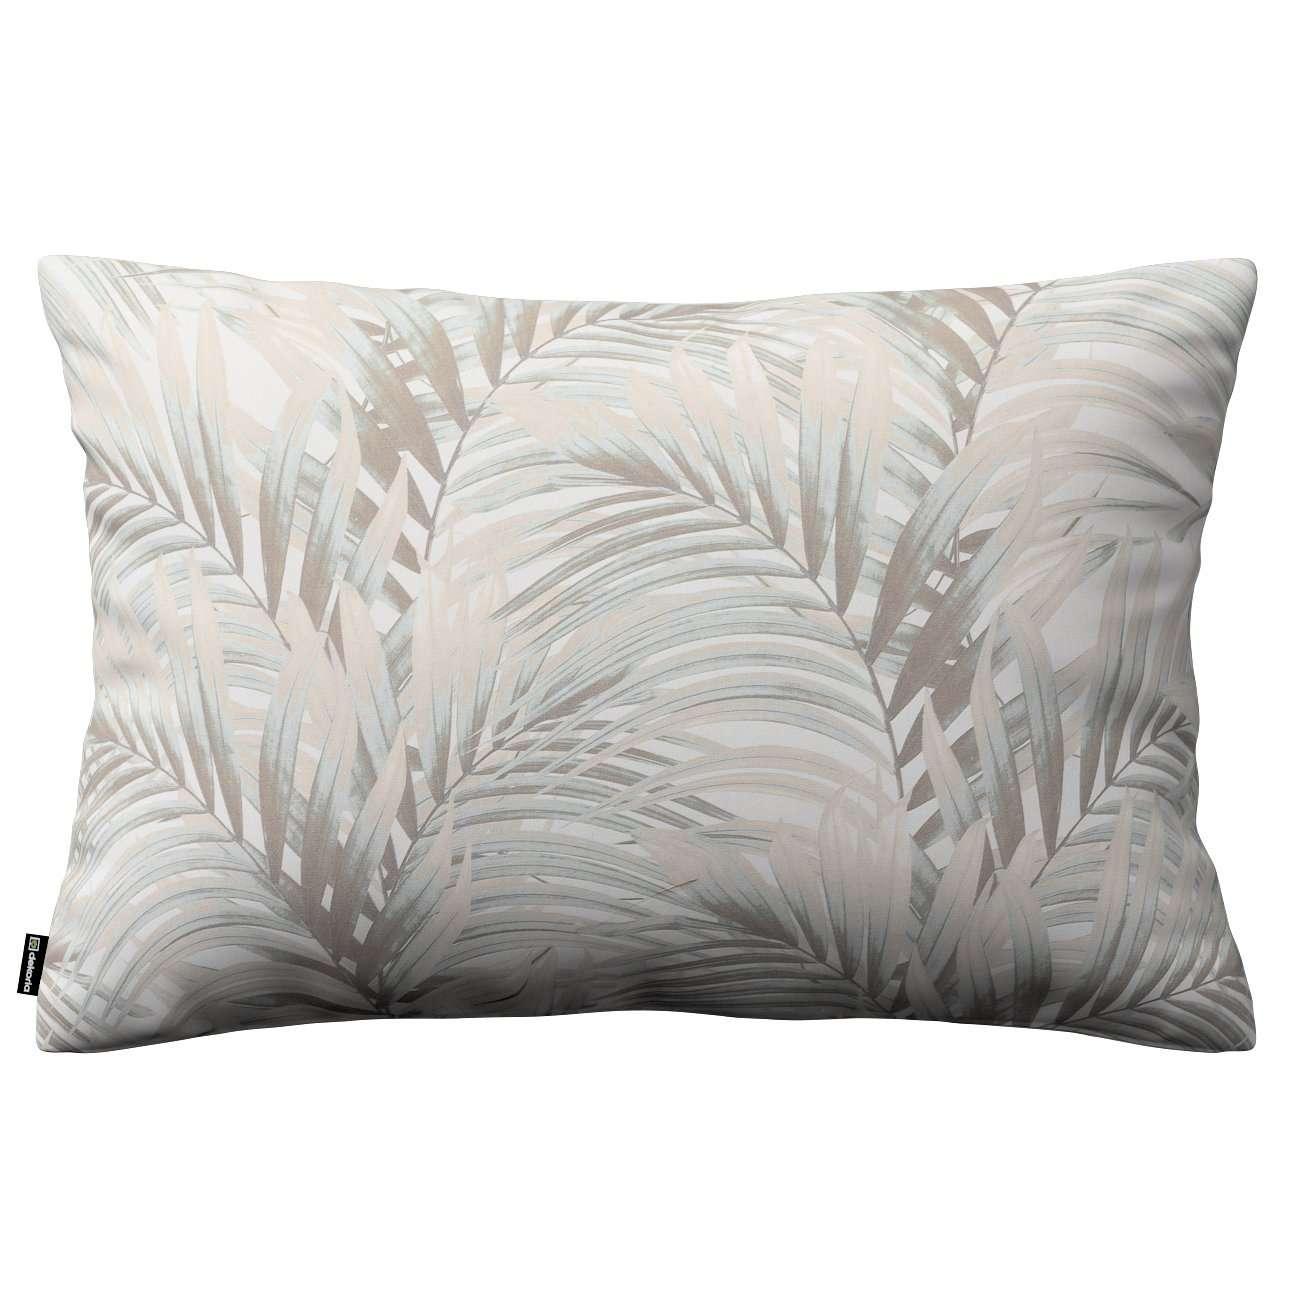 Poszewka Kinga na poduszkę prostokątną w kolekcji Gardenia, tkanina: 142-14